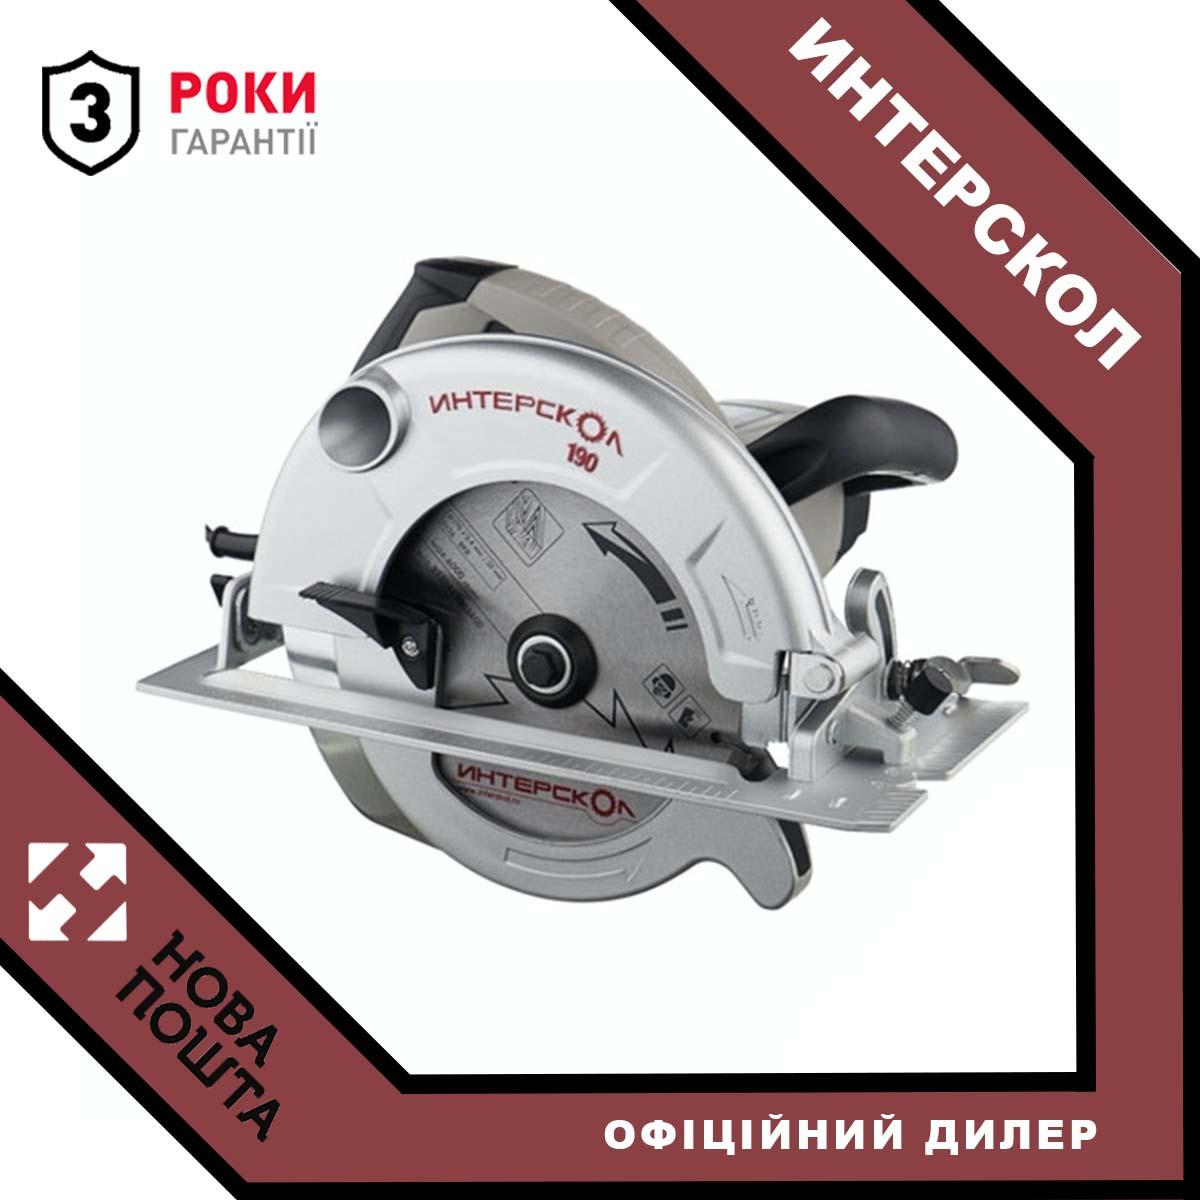 Дисковая пила ИНТЕРСКОЛ ДП-190/1600M